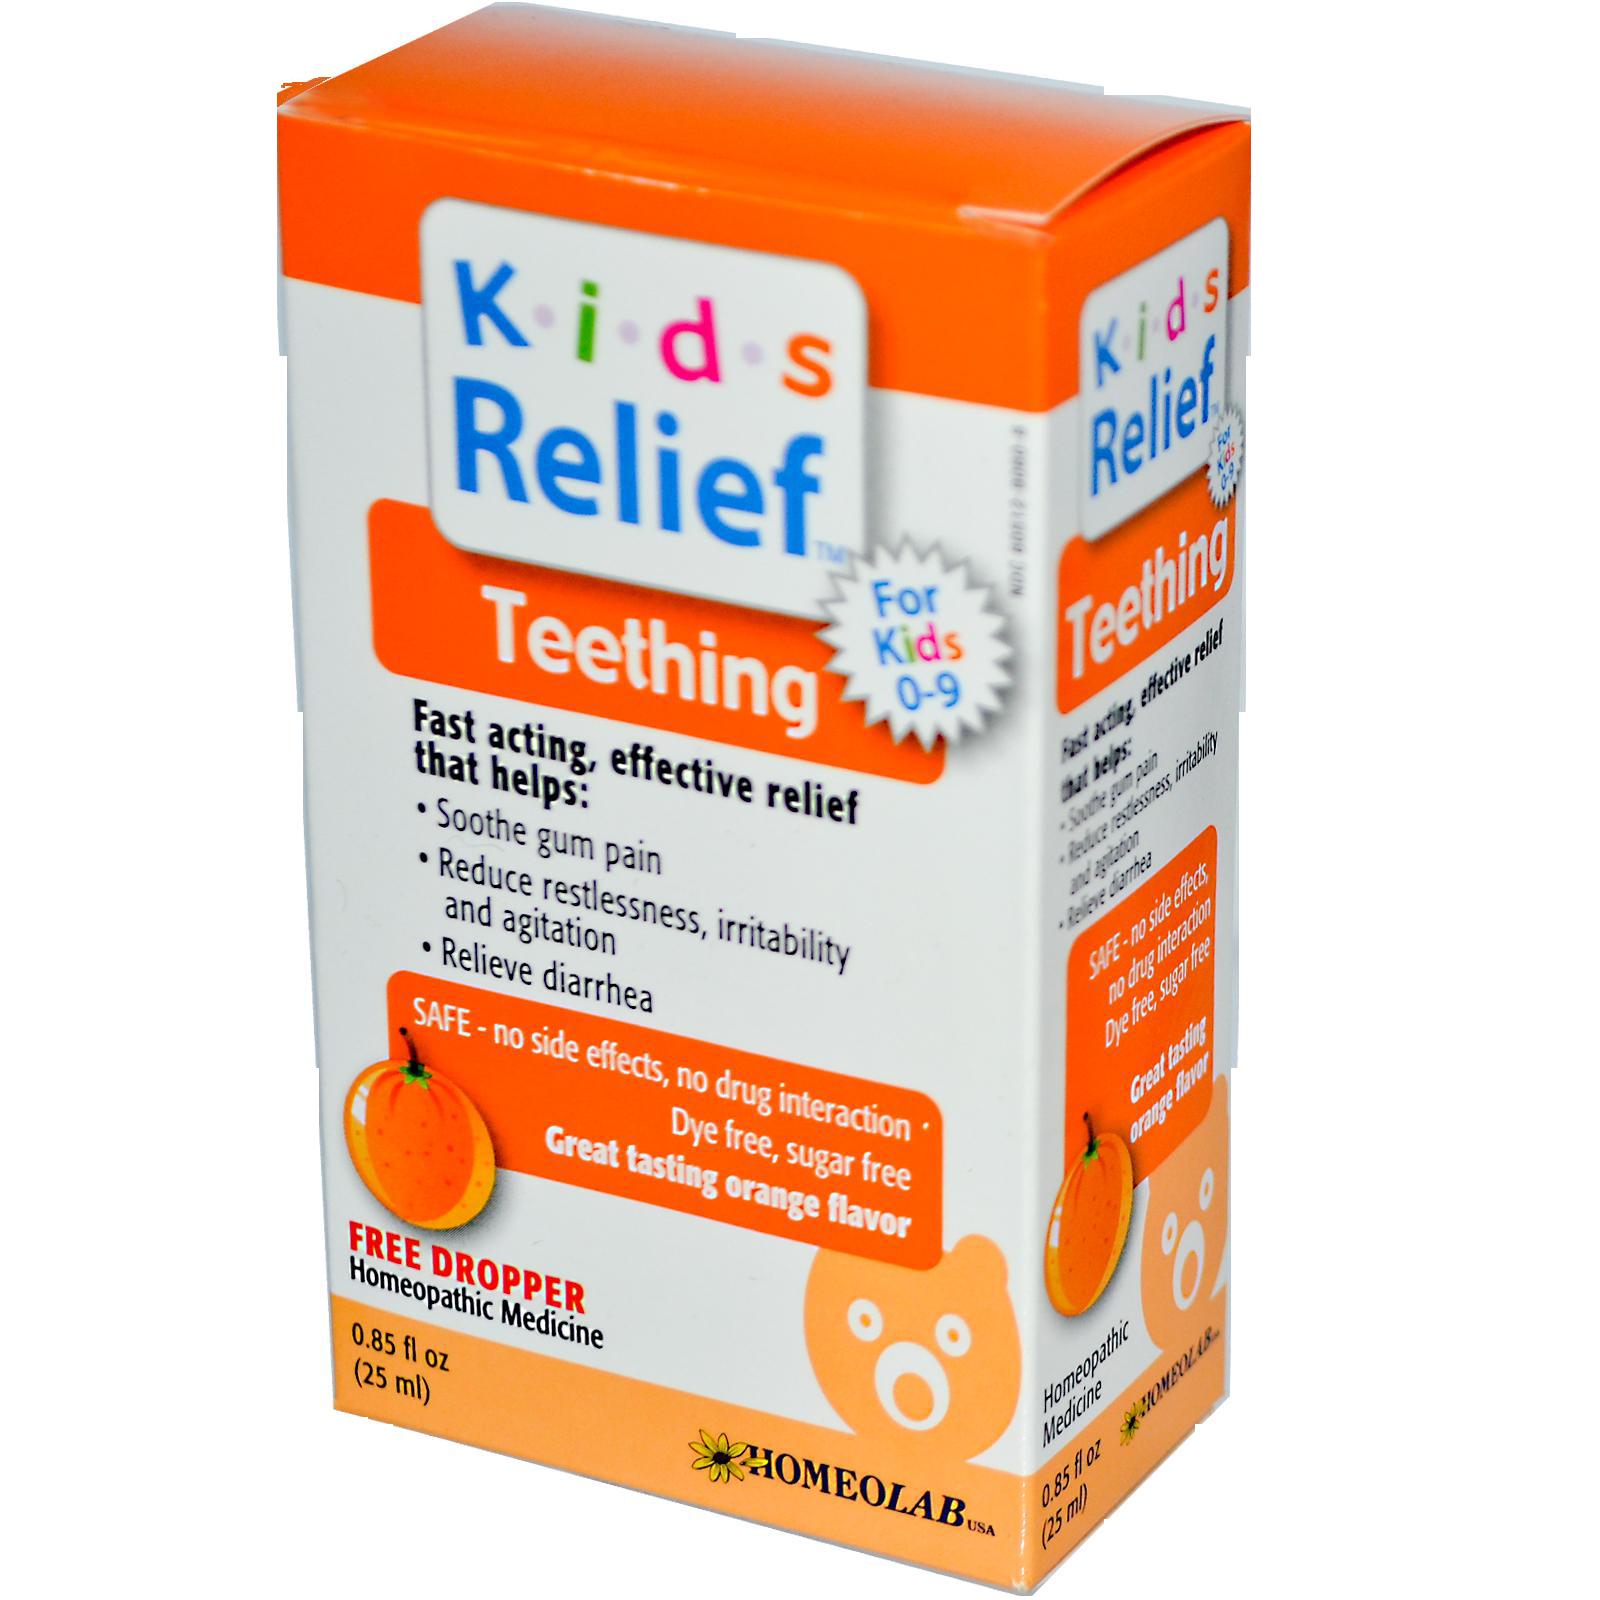 Homeolab Usa Kids Relief Teething Teething Relief Kids